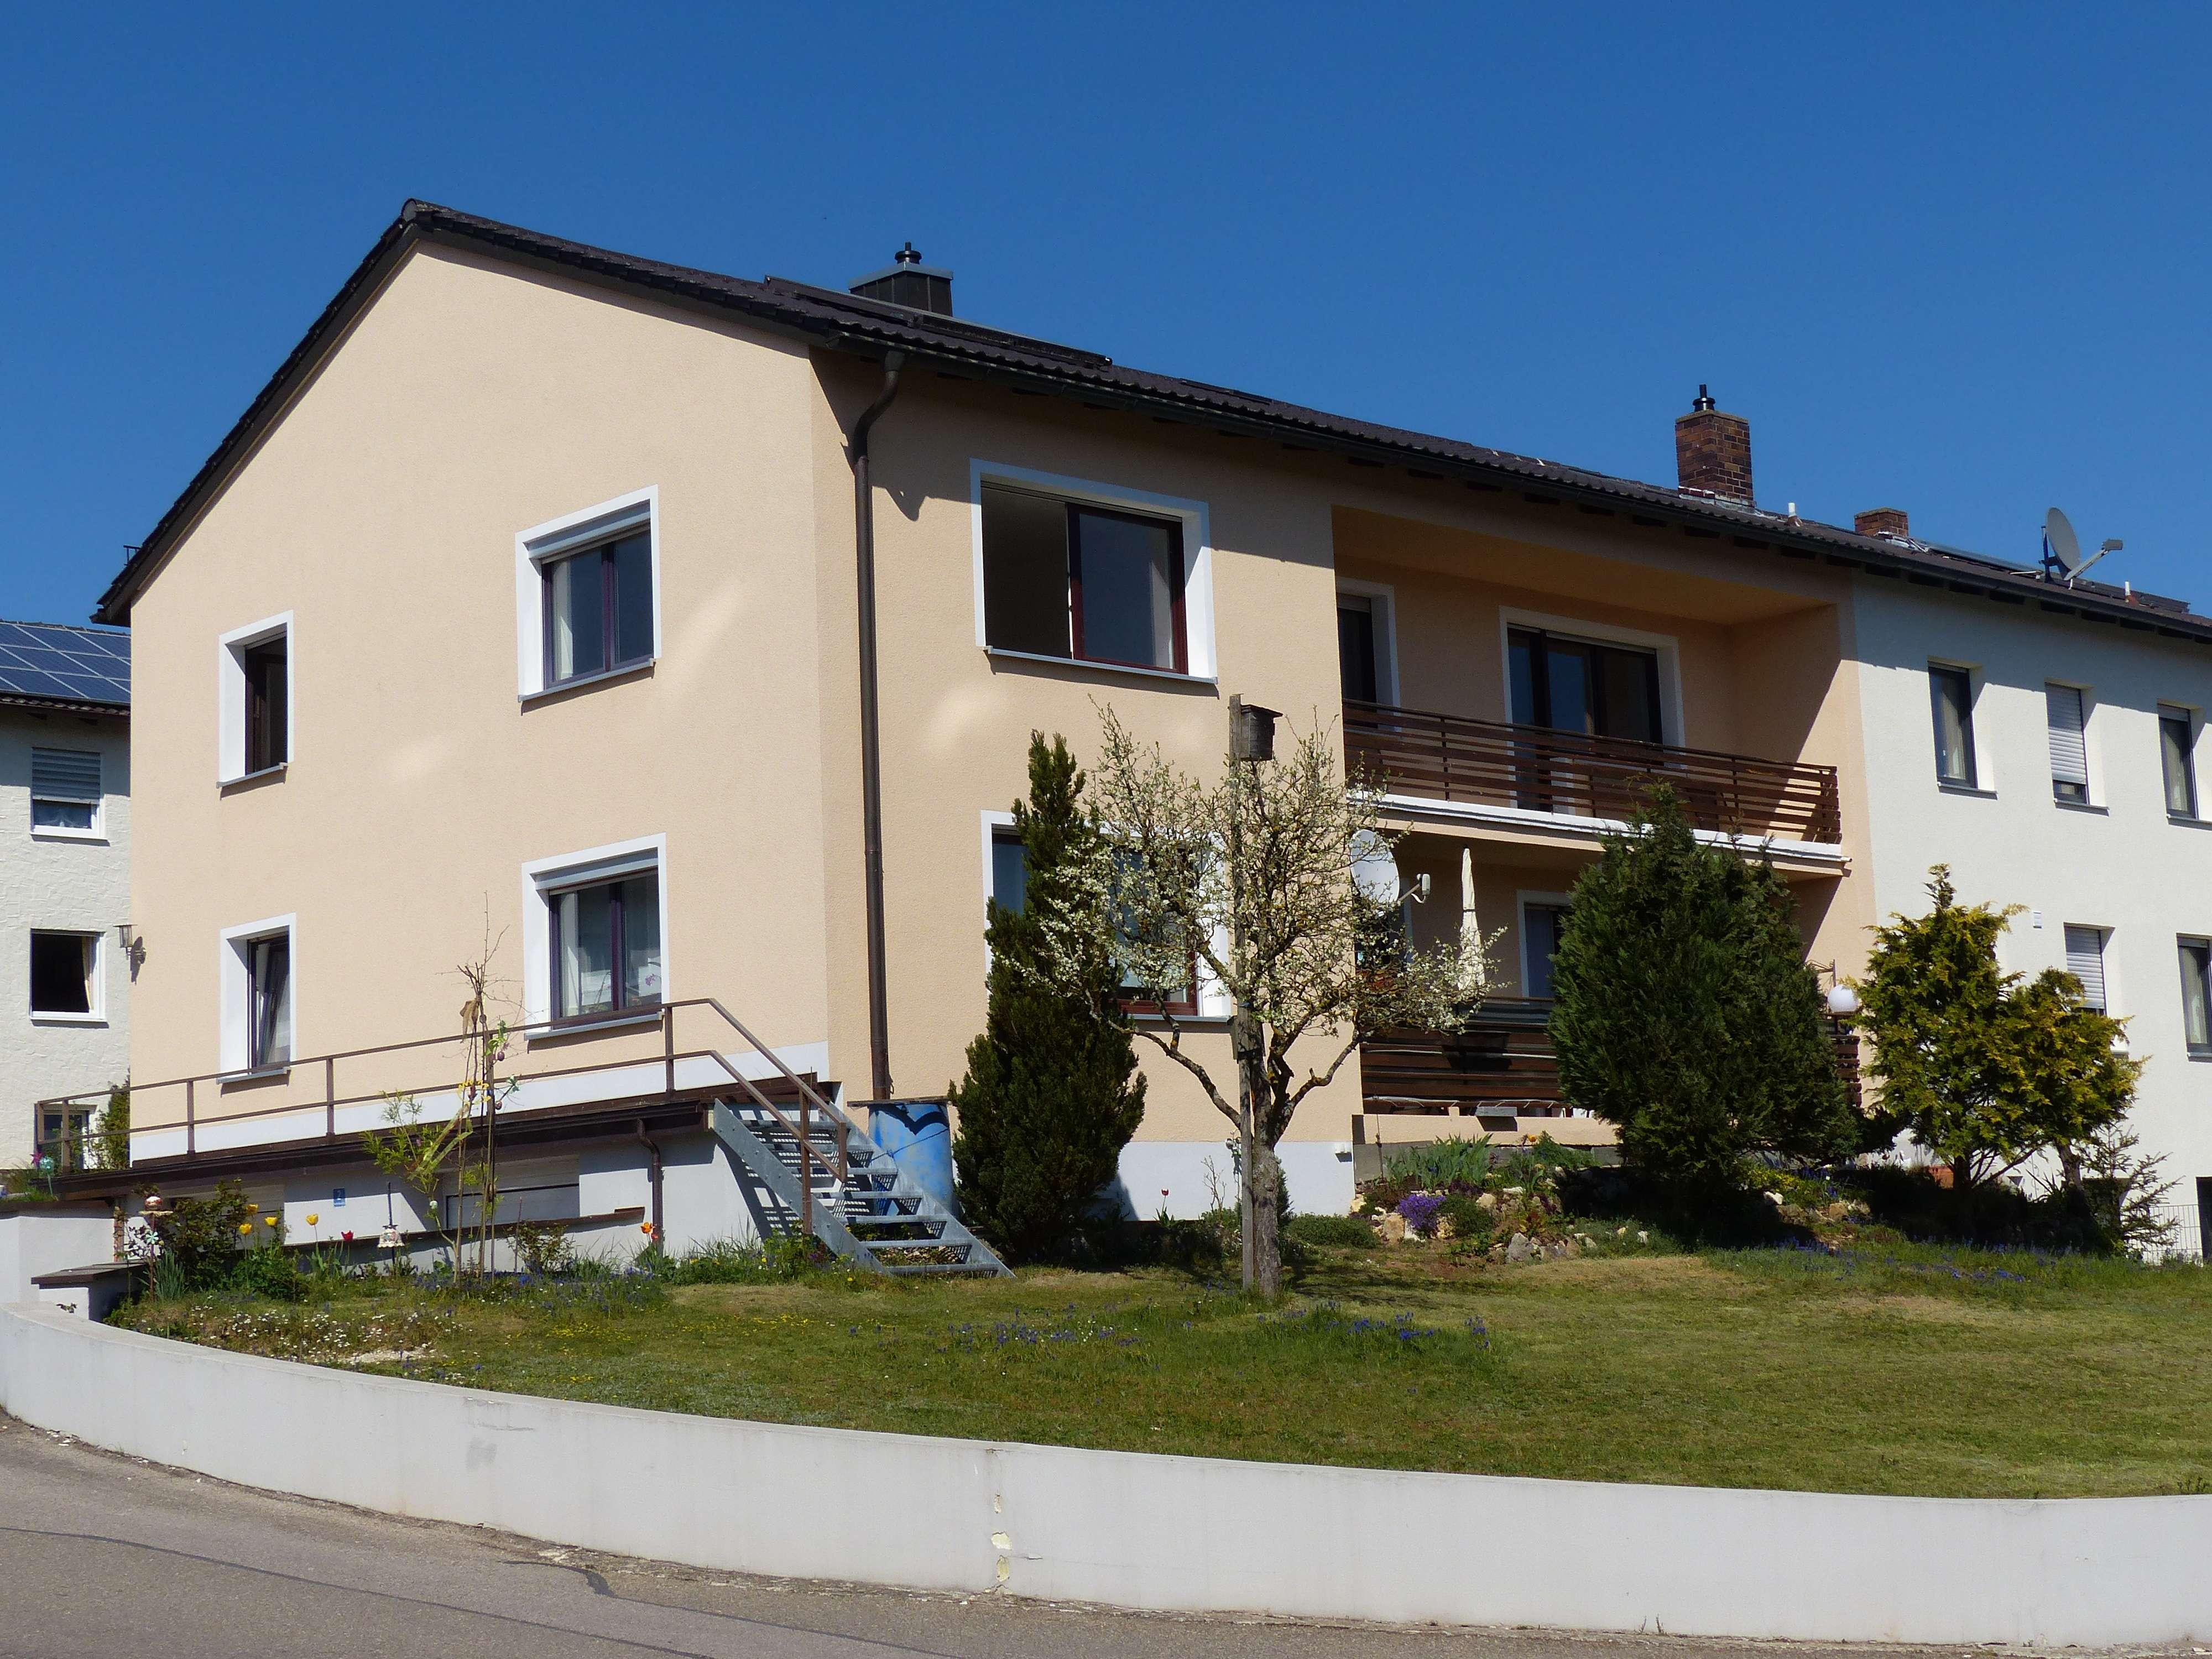 Schöne 3-Zimmer-Wohnung mit Balkon in Eichstätt/Landershofen